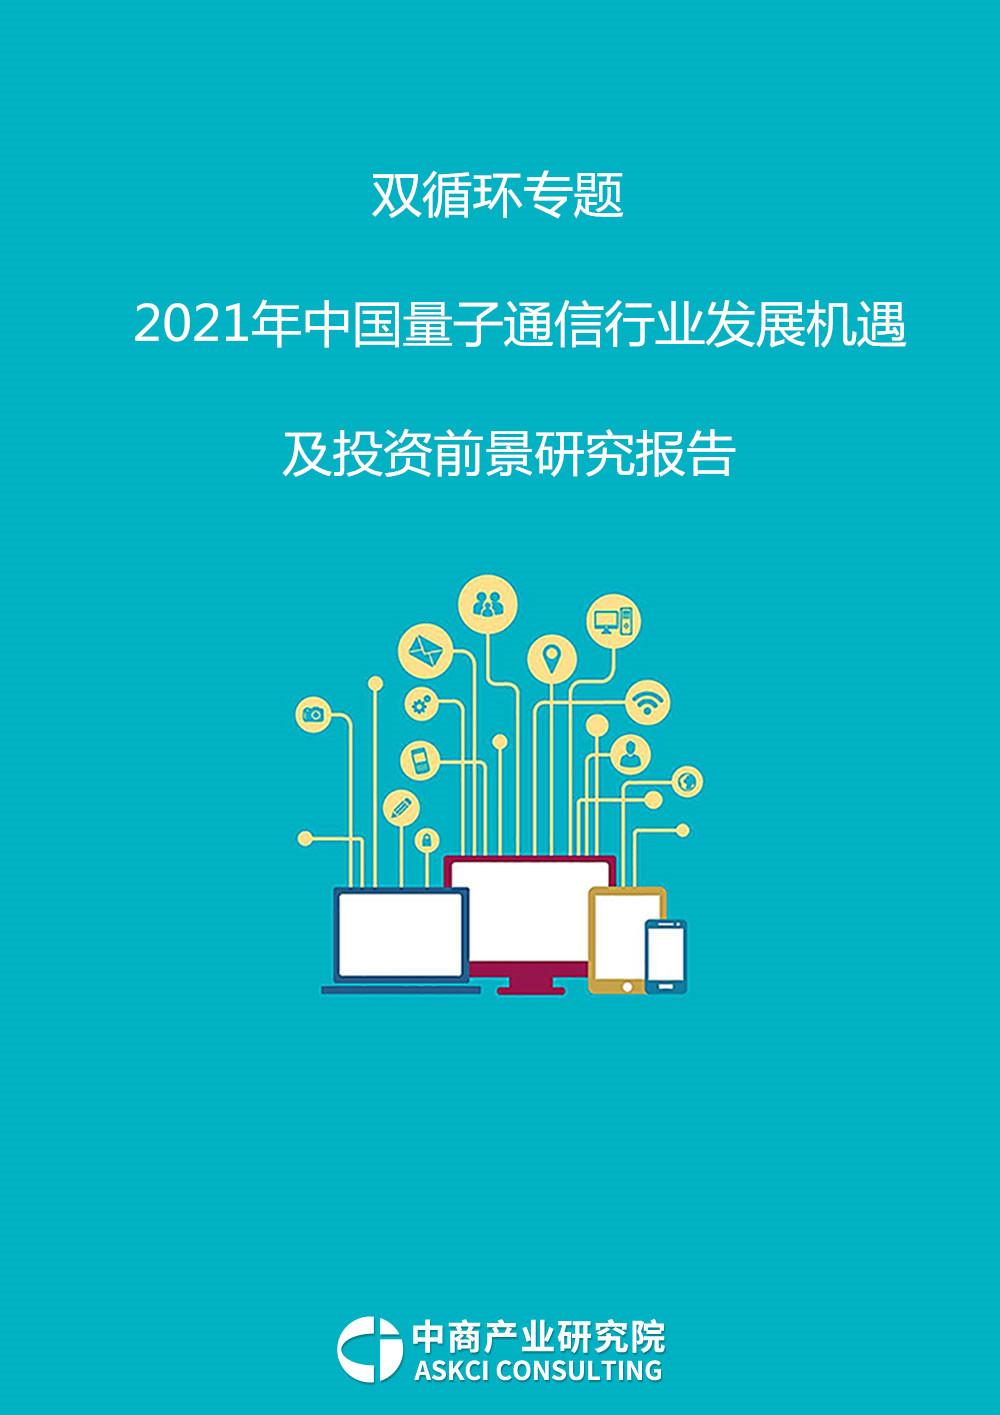 双循环专题——2021年中国量子通信行业发展机遇及投资前景研究报告